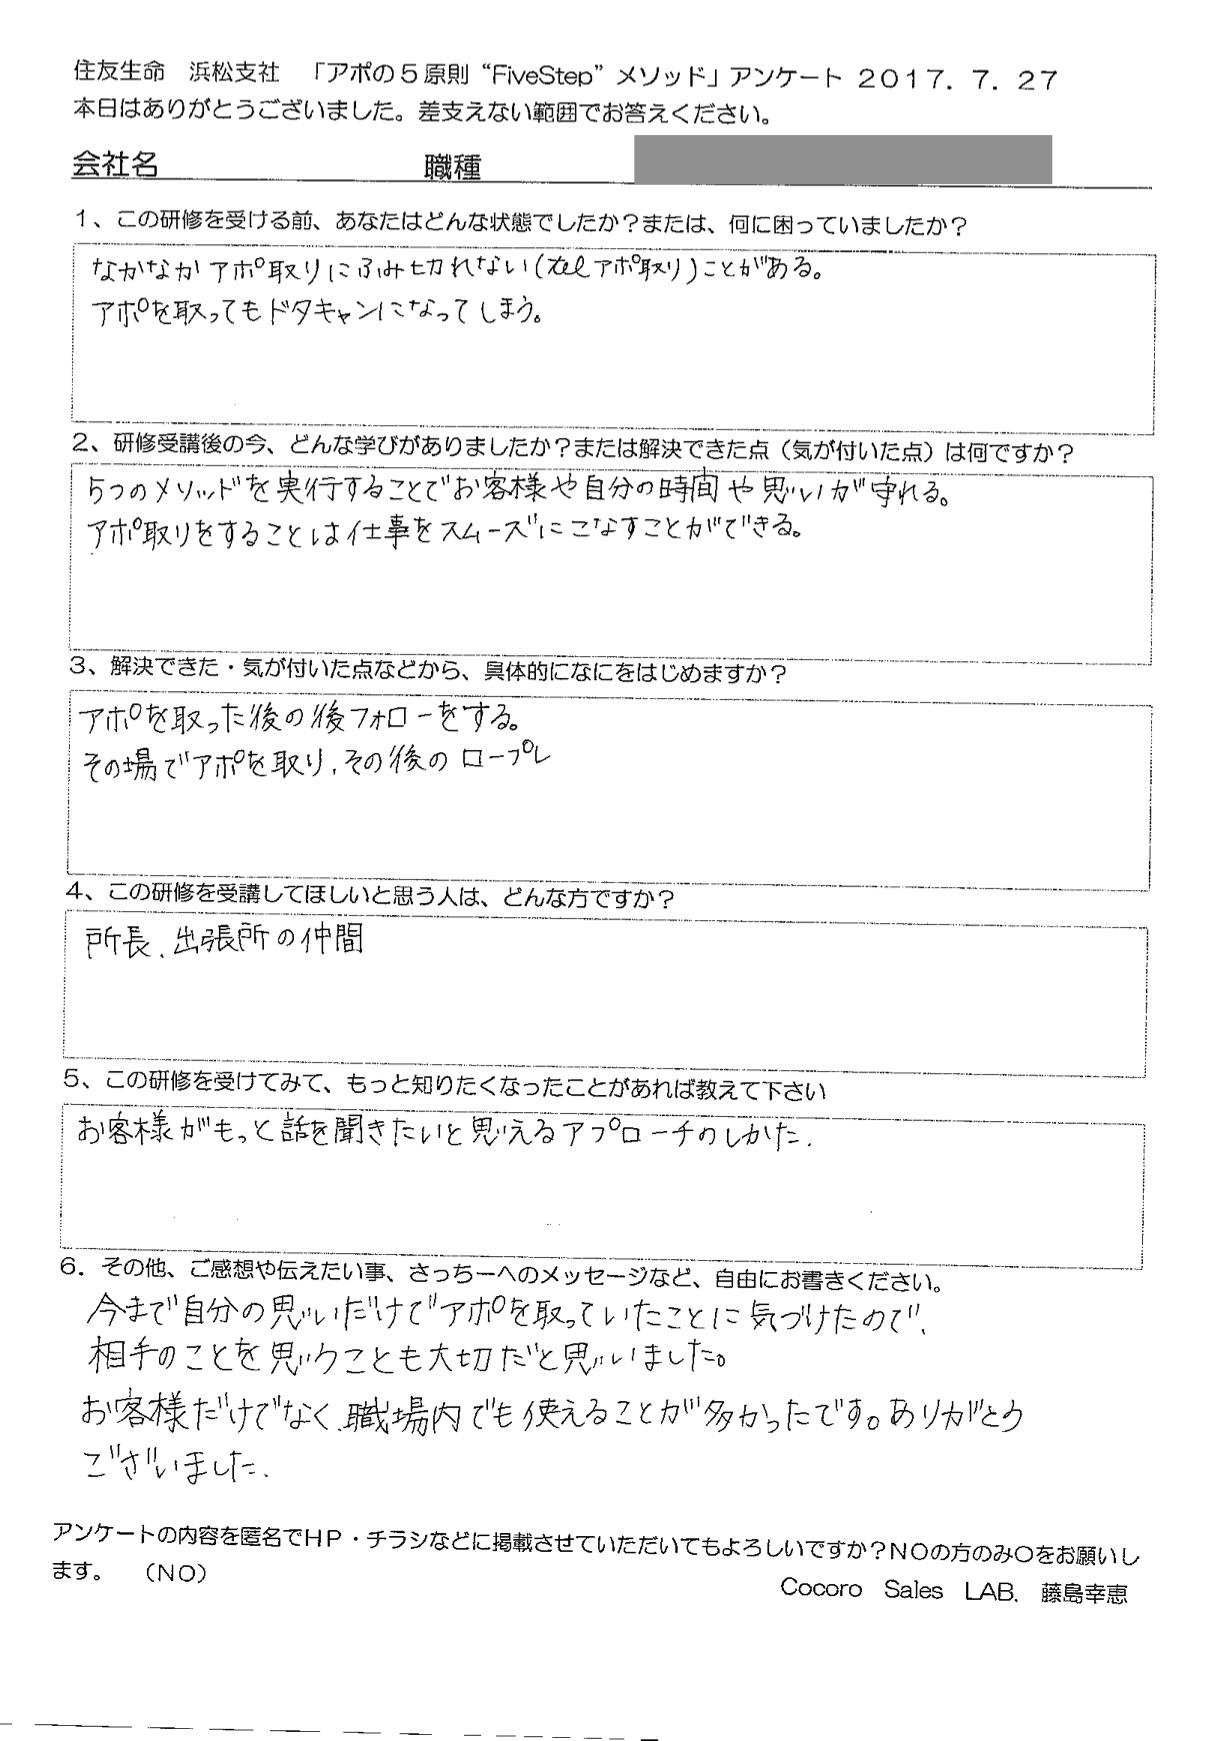 【営業職】住友生命浜松支社様「アポの5原則Five-Stepメソッド」アンケート2